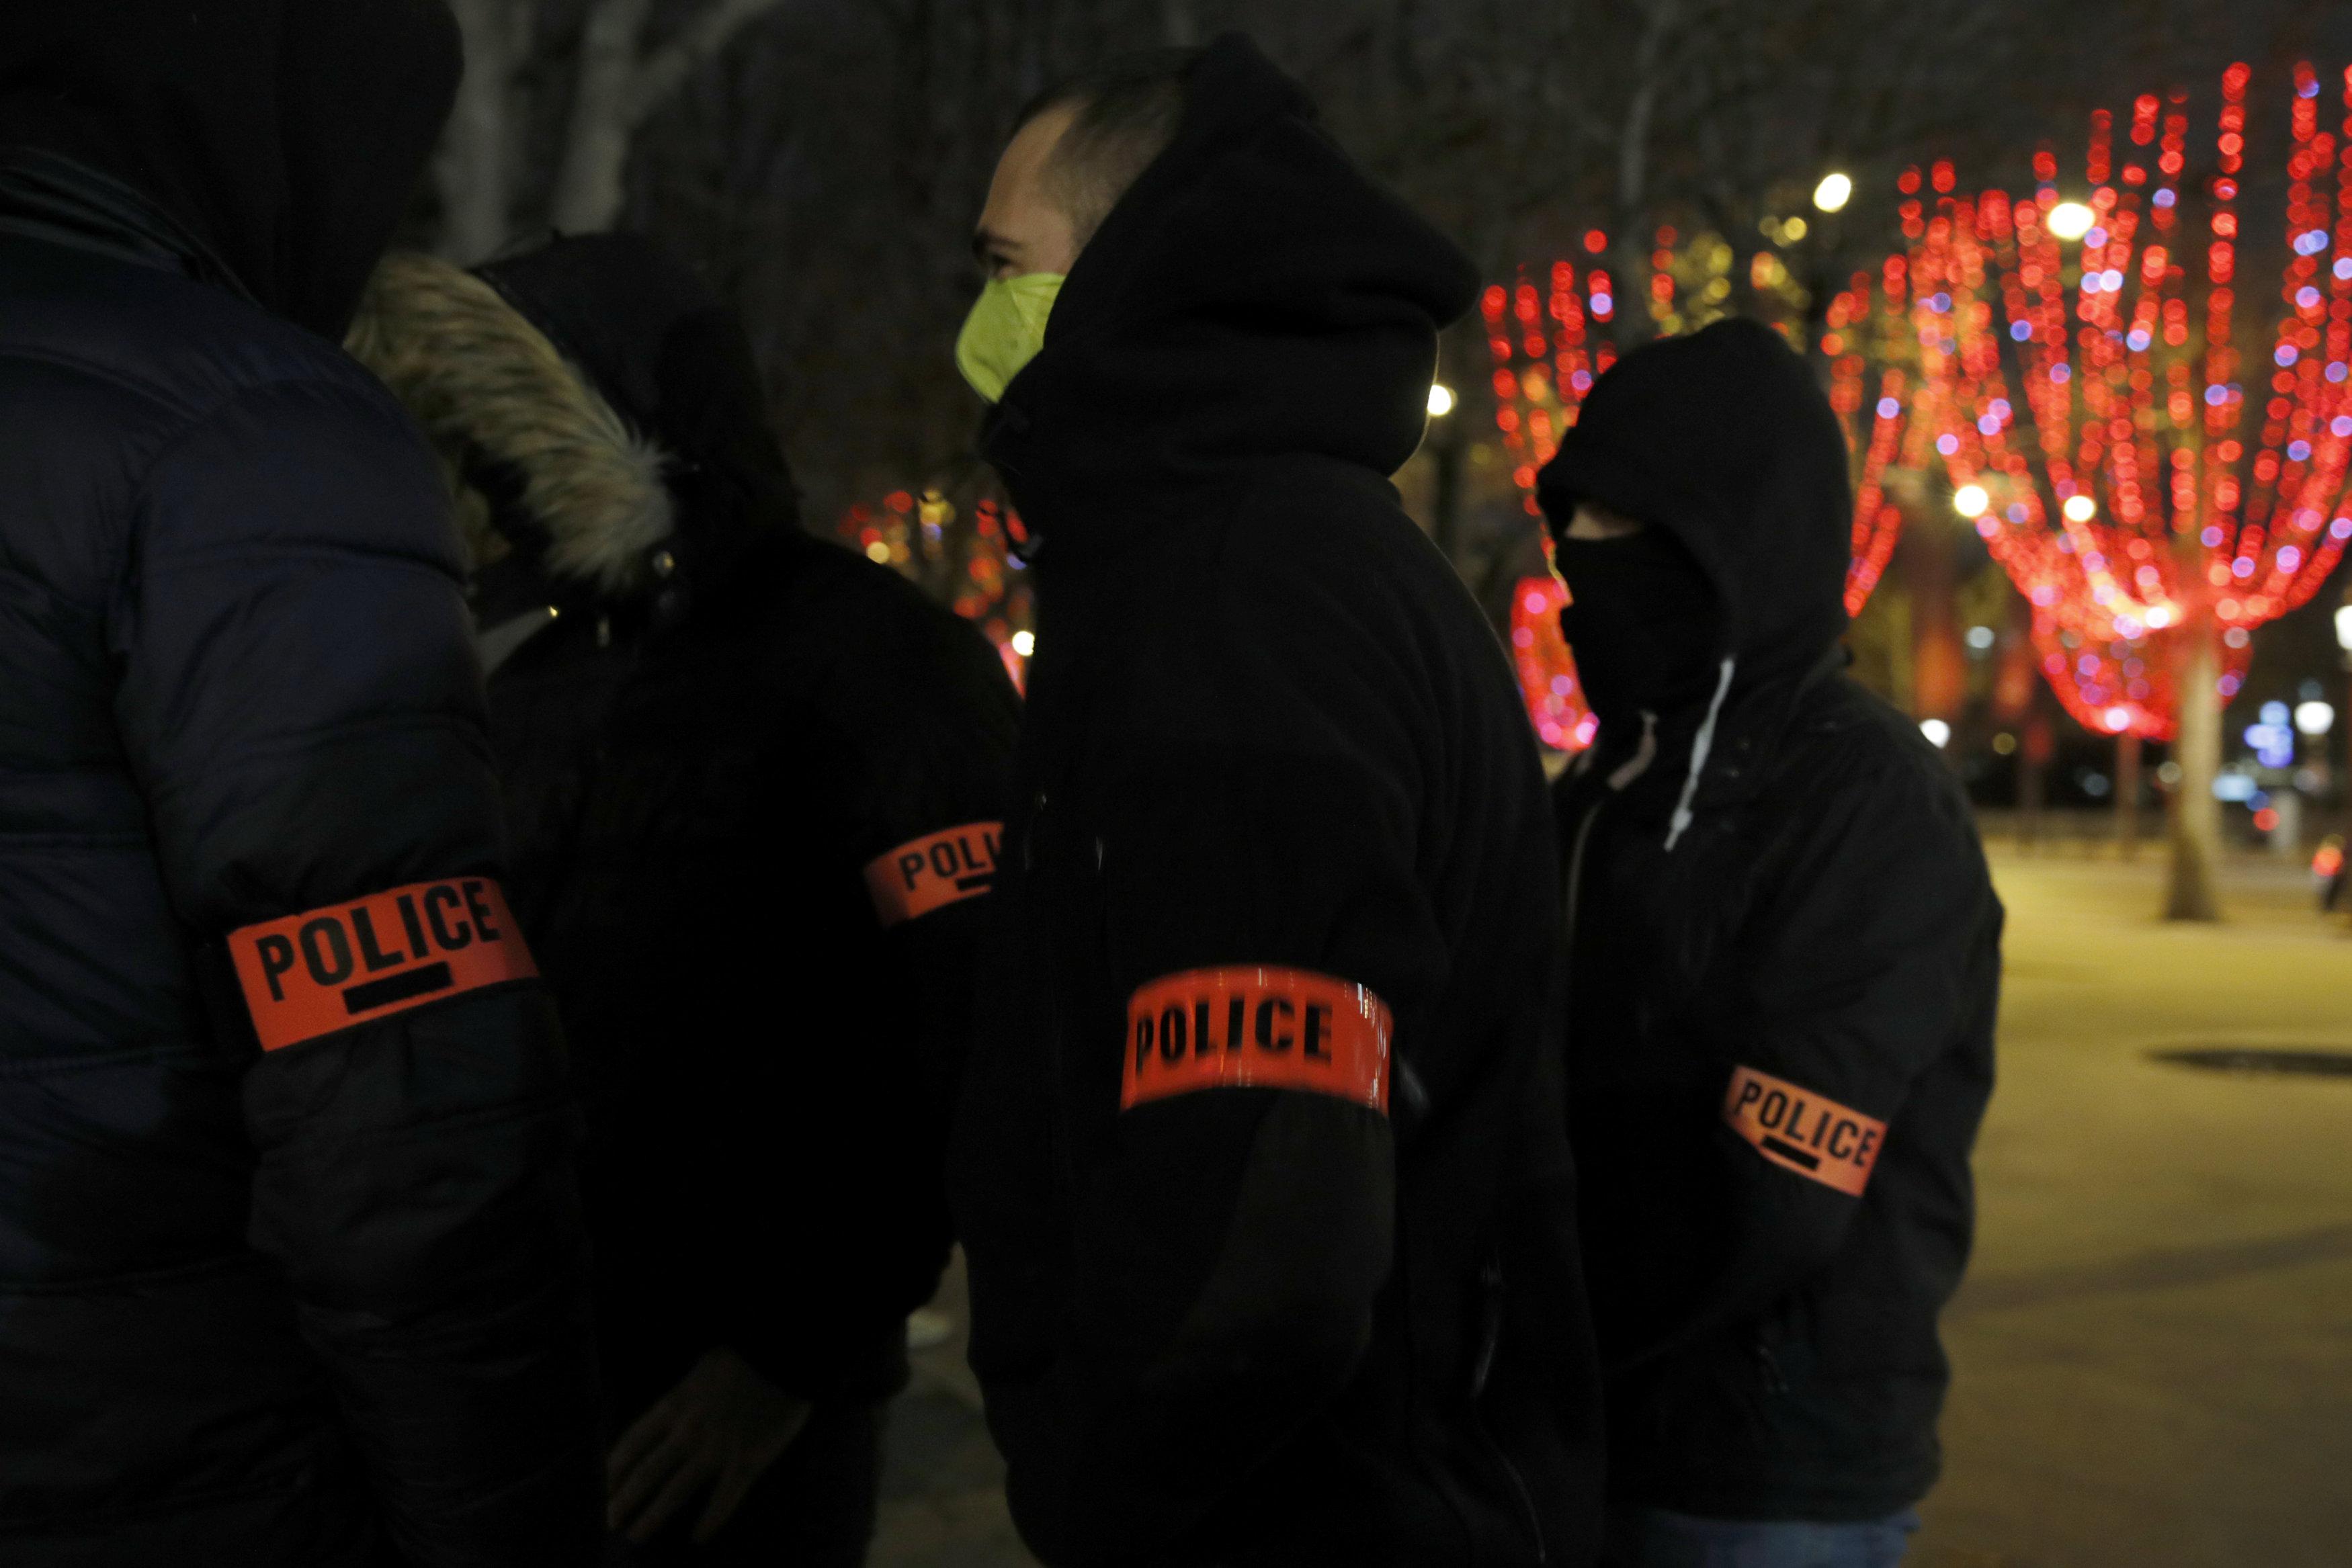 2018-12-20T222523Z_164563303_RC191AF51C50_RTRMADP_3_FRANCE-PROTESTS-POLICE